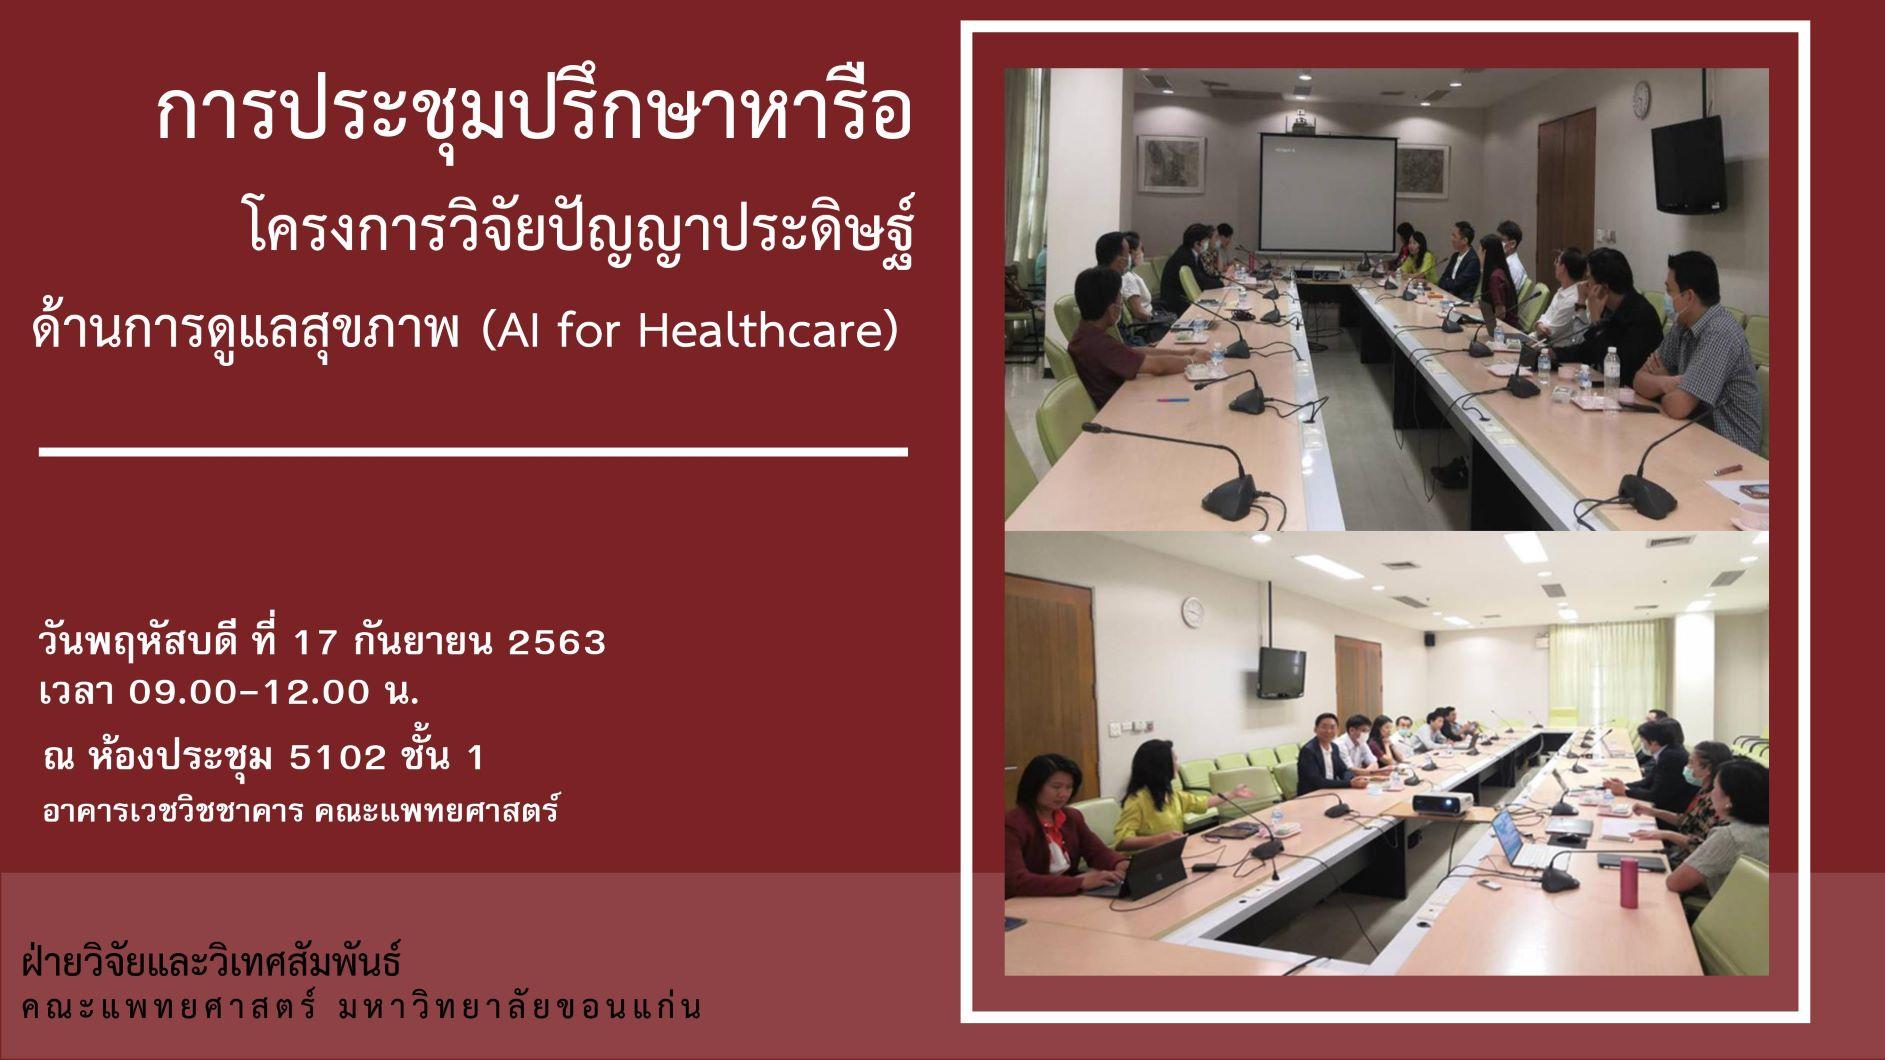 การประชุมปรึกษาหารือ โครงการวิจัยปัญญาประดิษฐ์ด้านการดูแลสุขภาพ (AI for Healthcare)